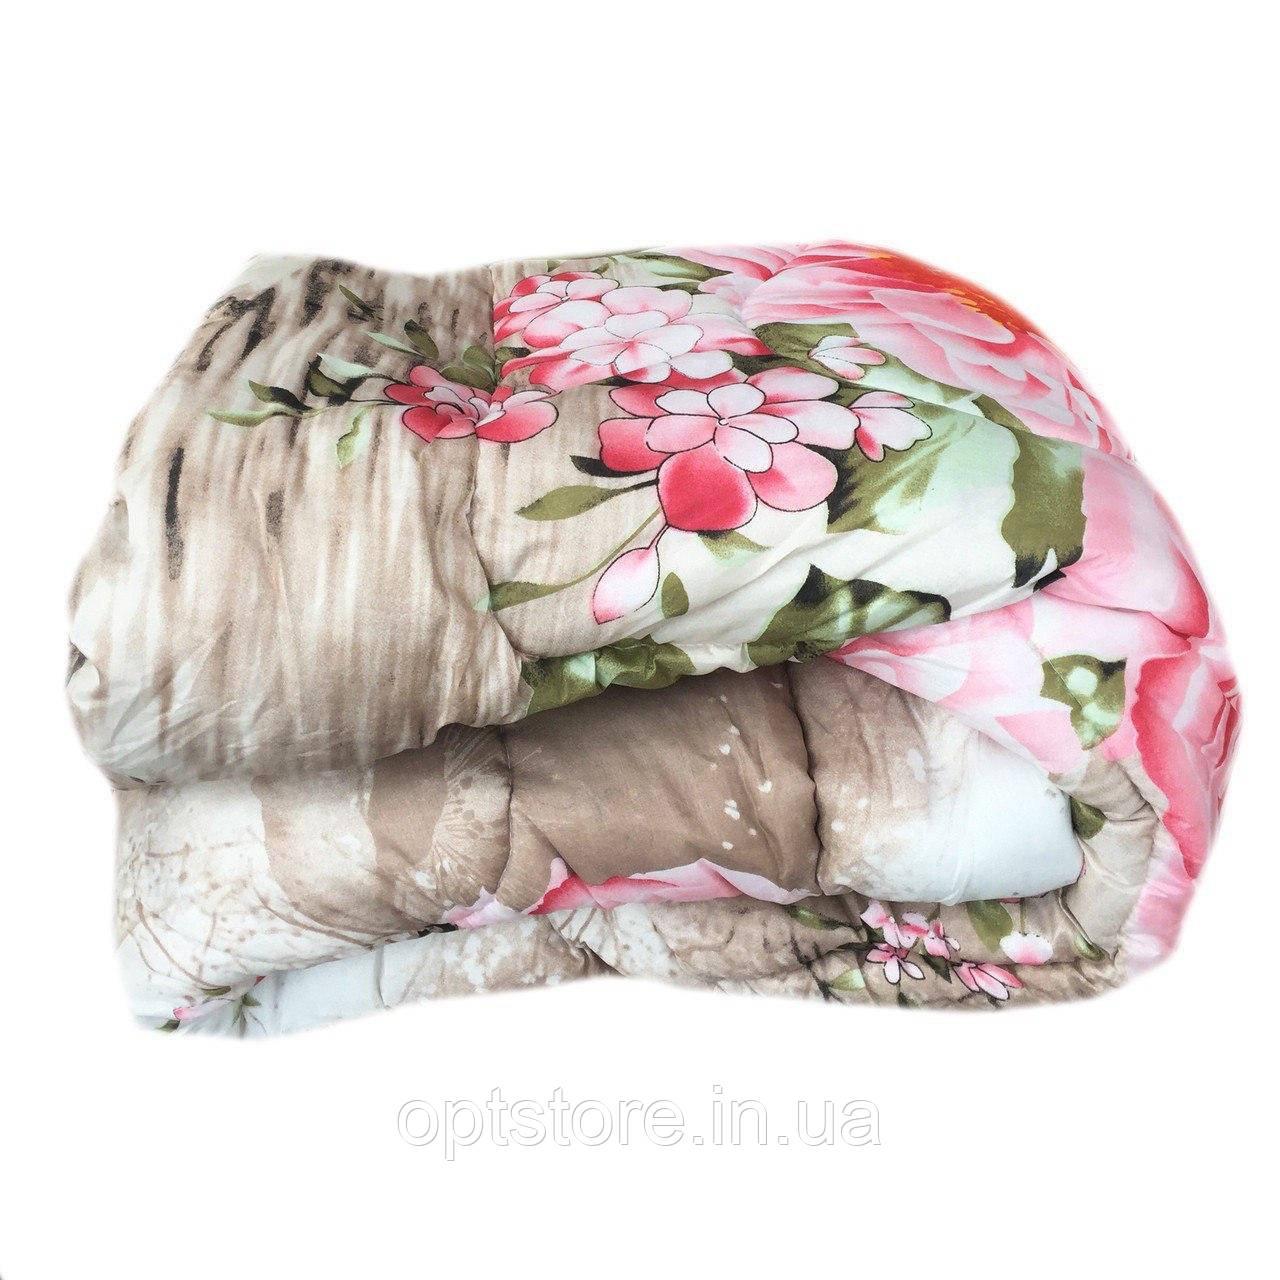 Ковдра двоспальне (175/210) холлофайбер, тканина бязь полікотон